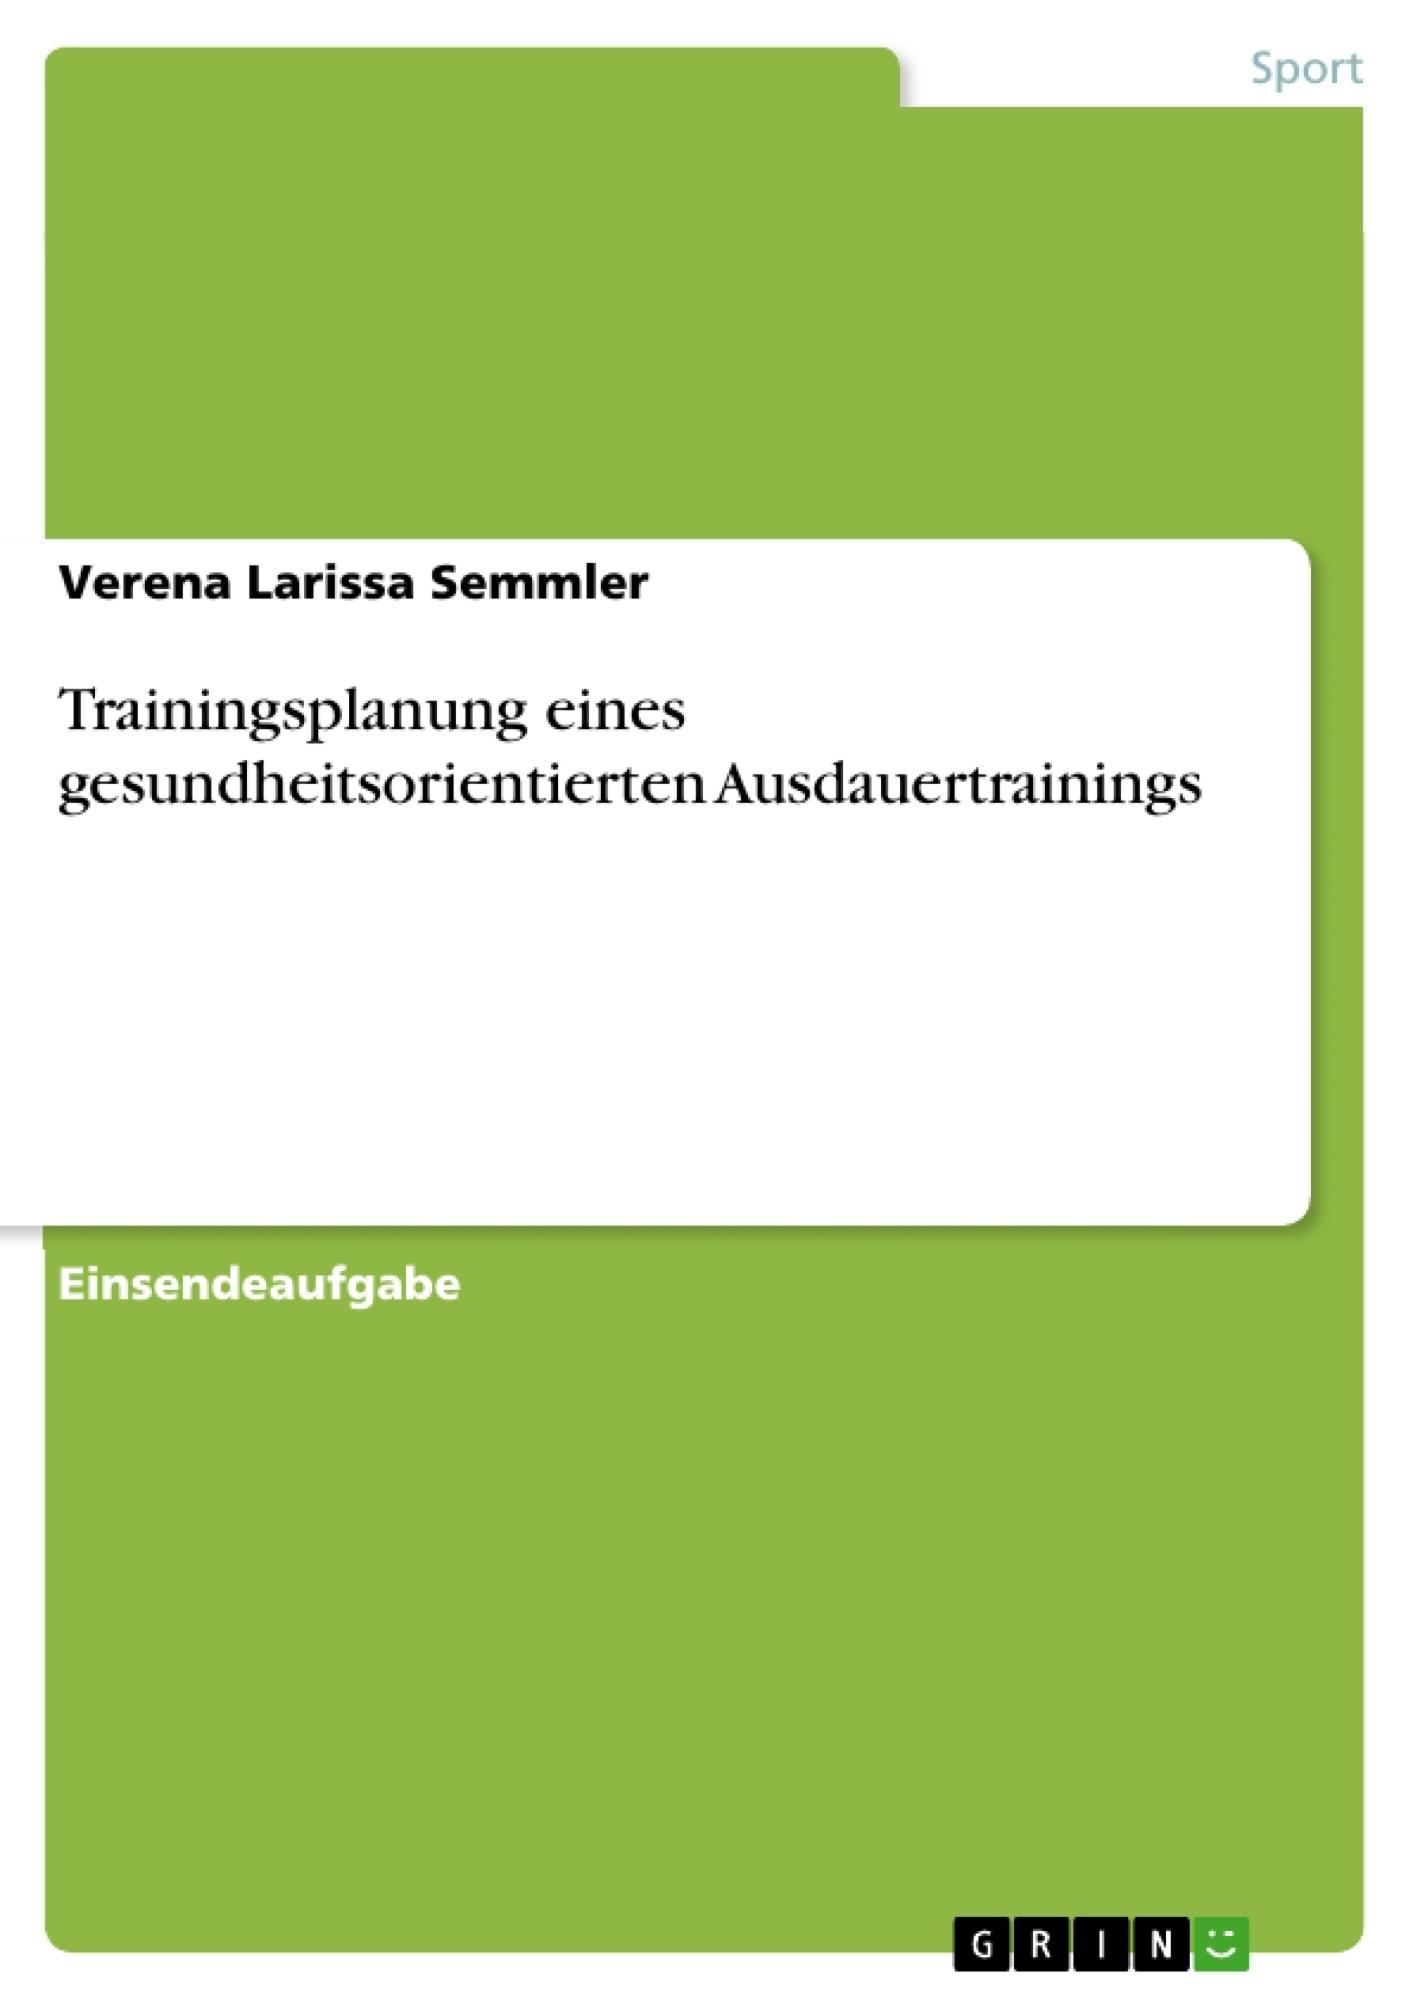 Titel: Trainingsplanung eines gesundheitsorientierten Ausdauertrainings